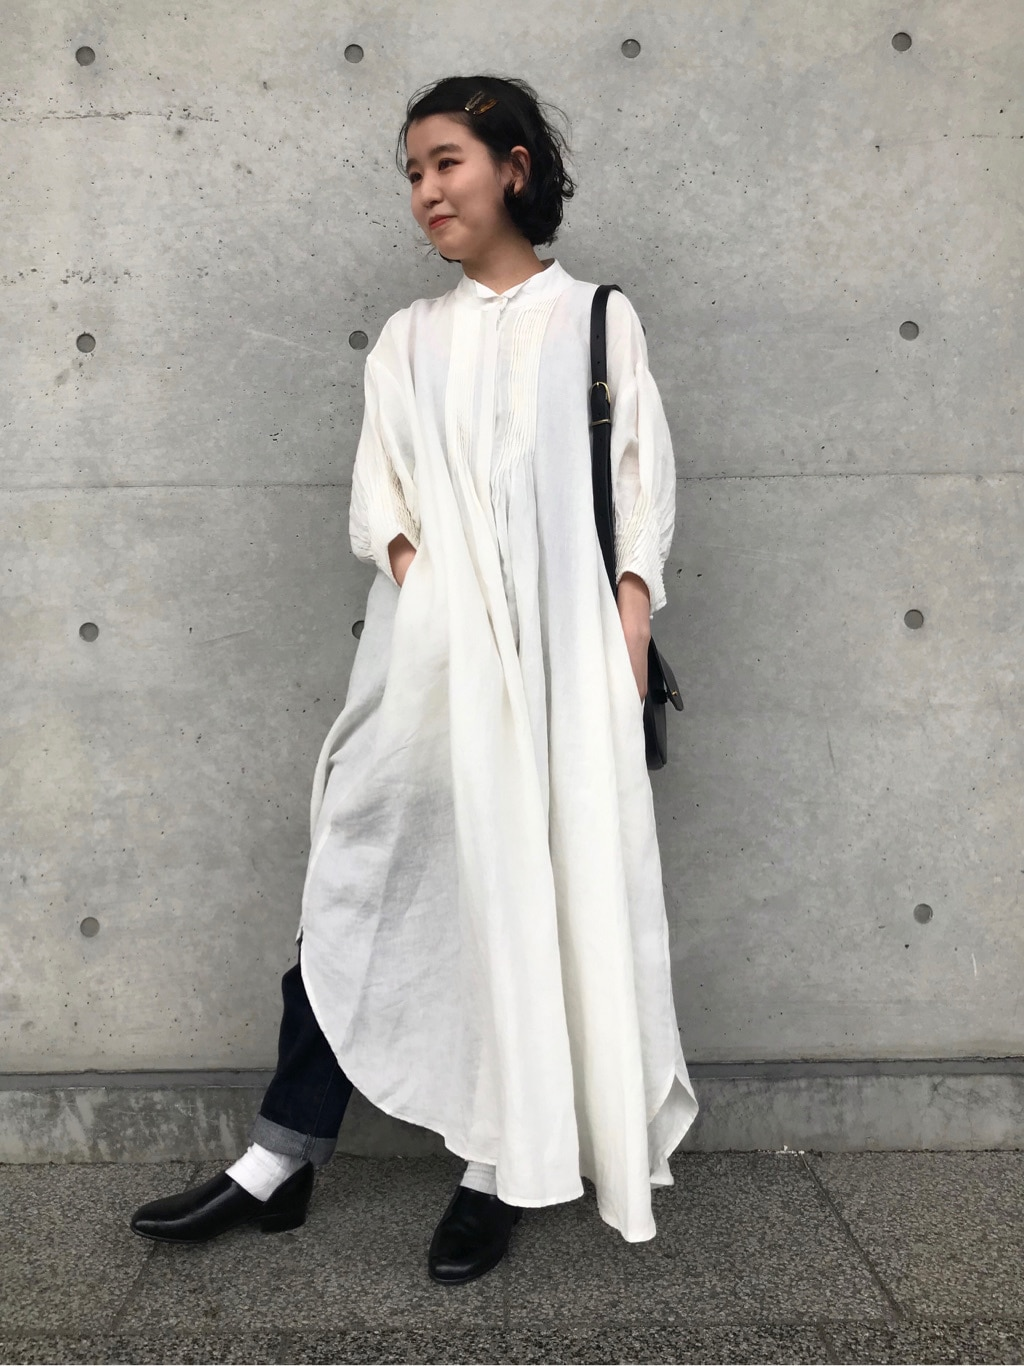 東京スカイツリータウン・ソラマチ 2020.06.15